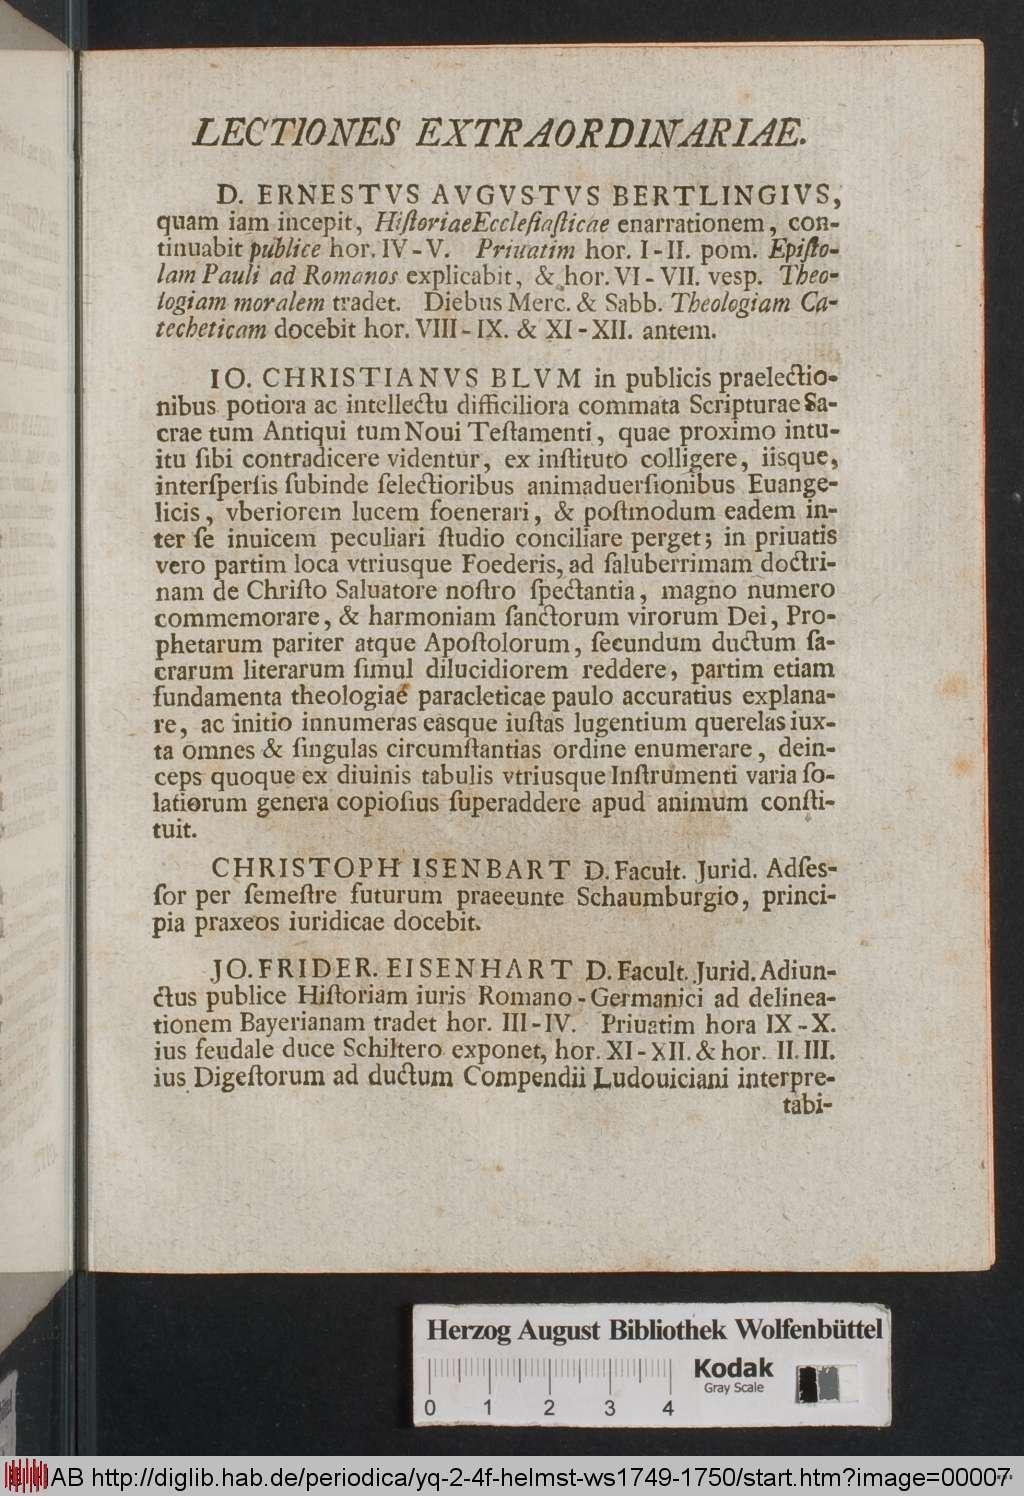 http://diglib.hab.de/periodica/yq-2-4f-helmst-ws1749-1750/00007.jpg